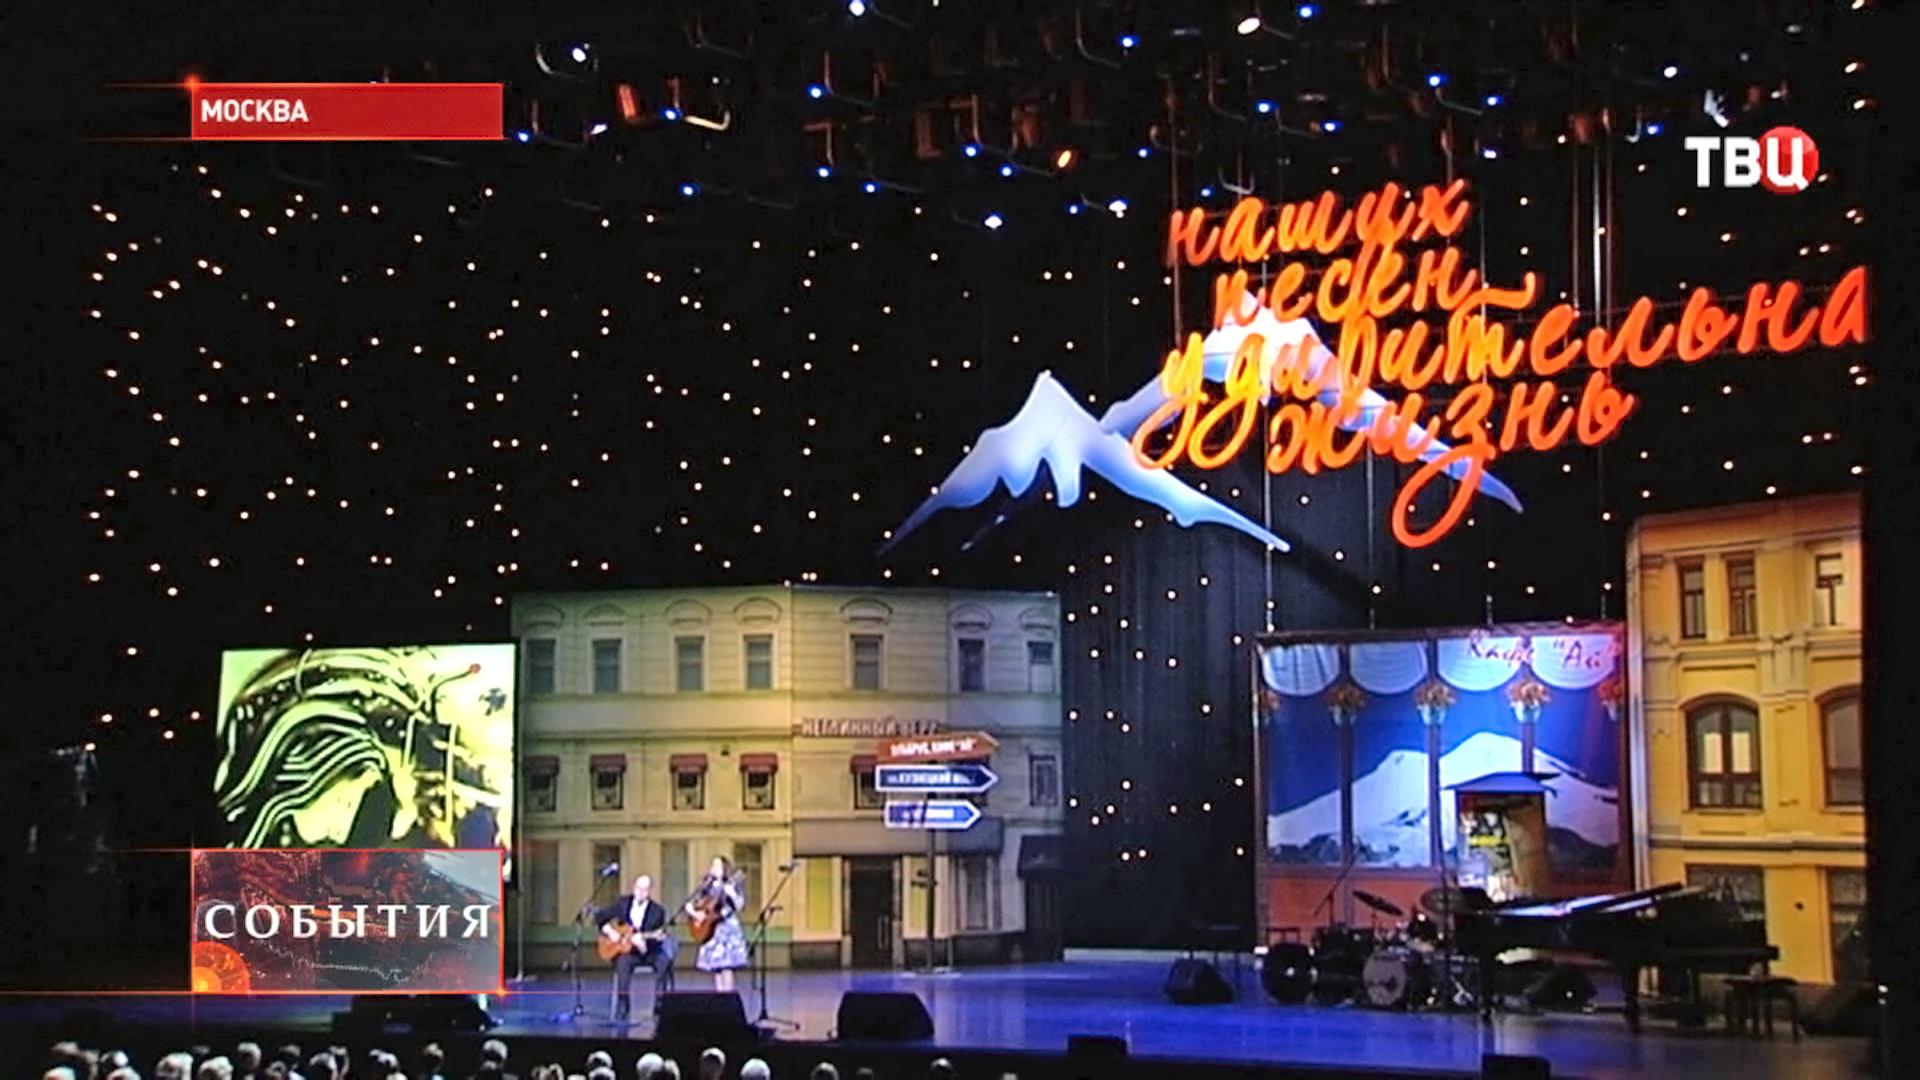 """Концерт """"Наших песен удивительная жизнь"""" в Кремлевском Дворце"""